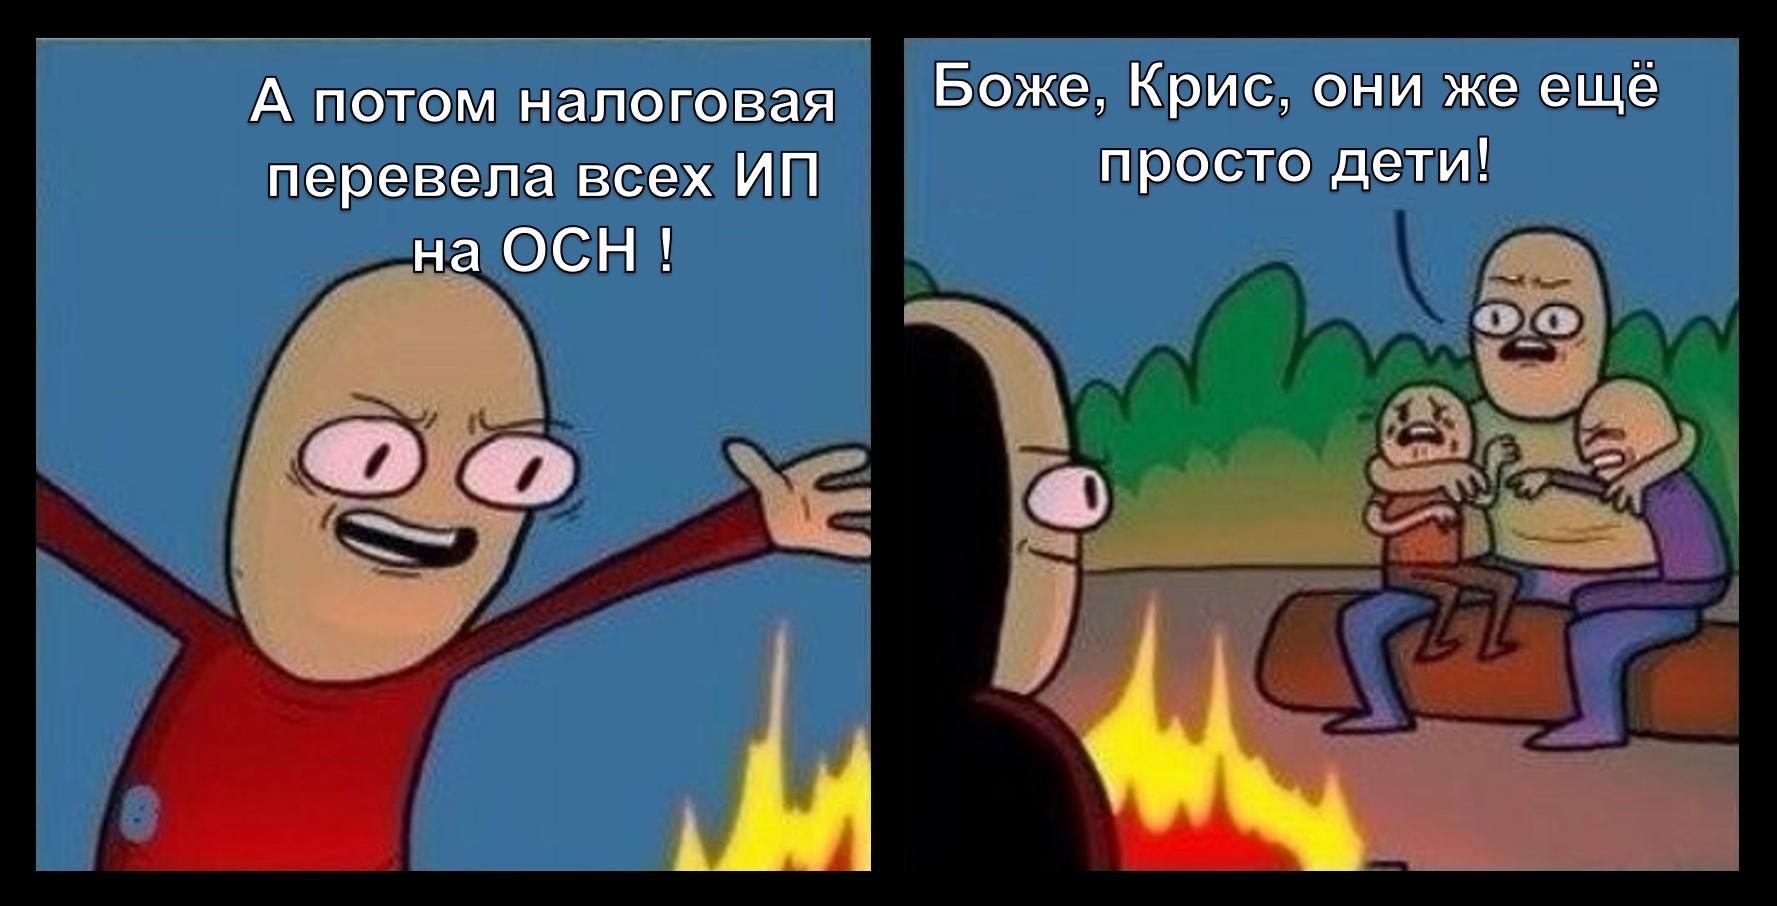 сбой налоговой https://grosh-blog.ru